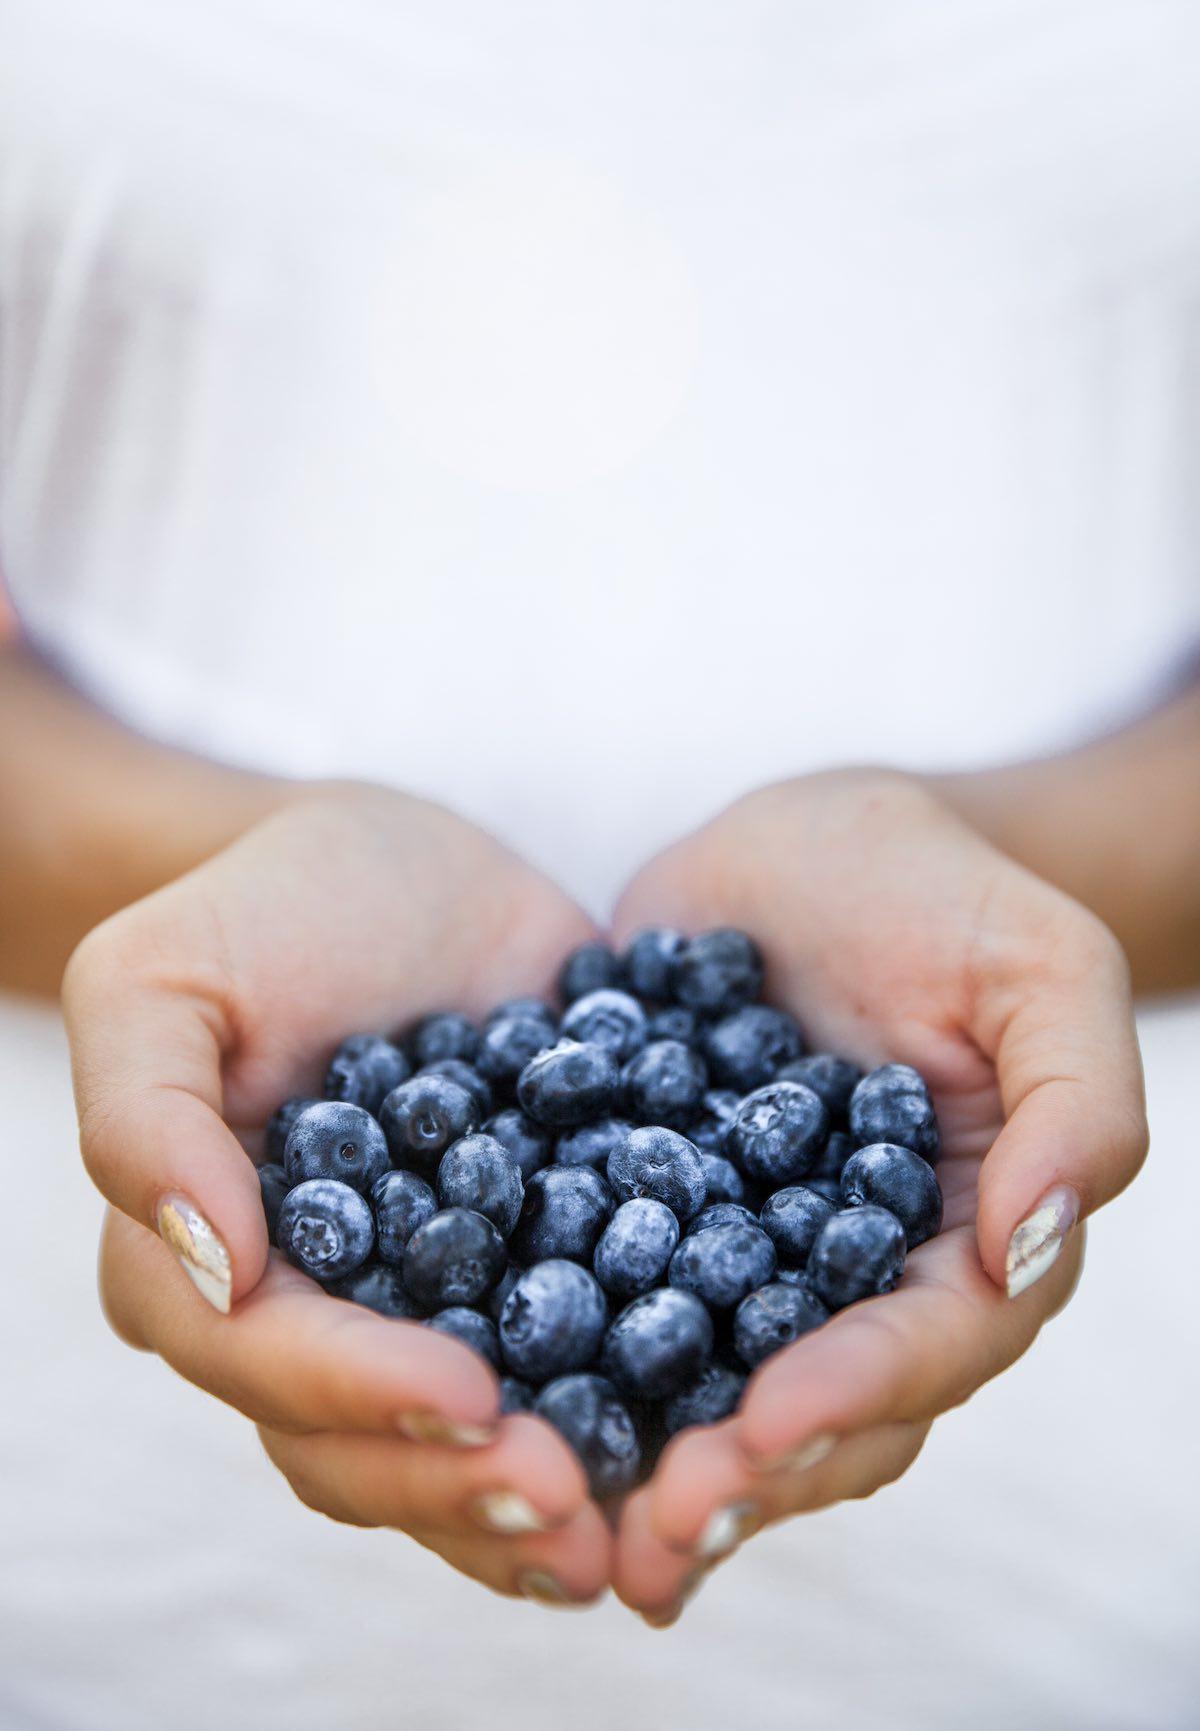 Nordic-Scandinavian-wellbeing-blueberries